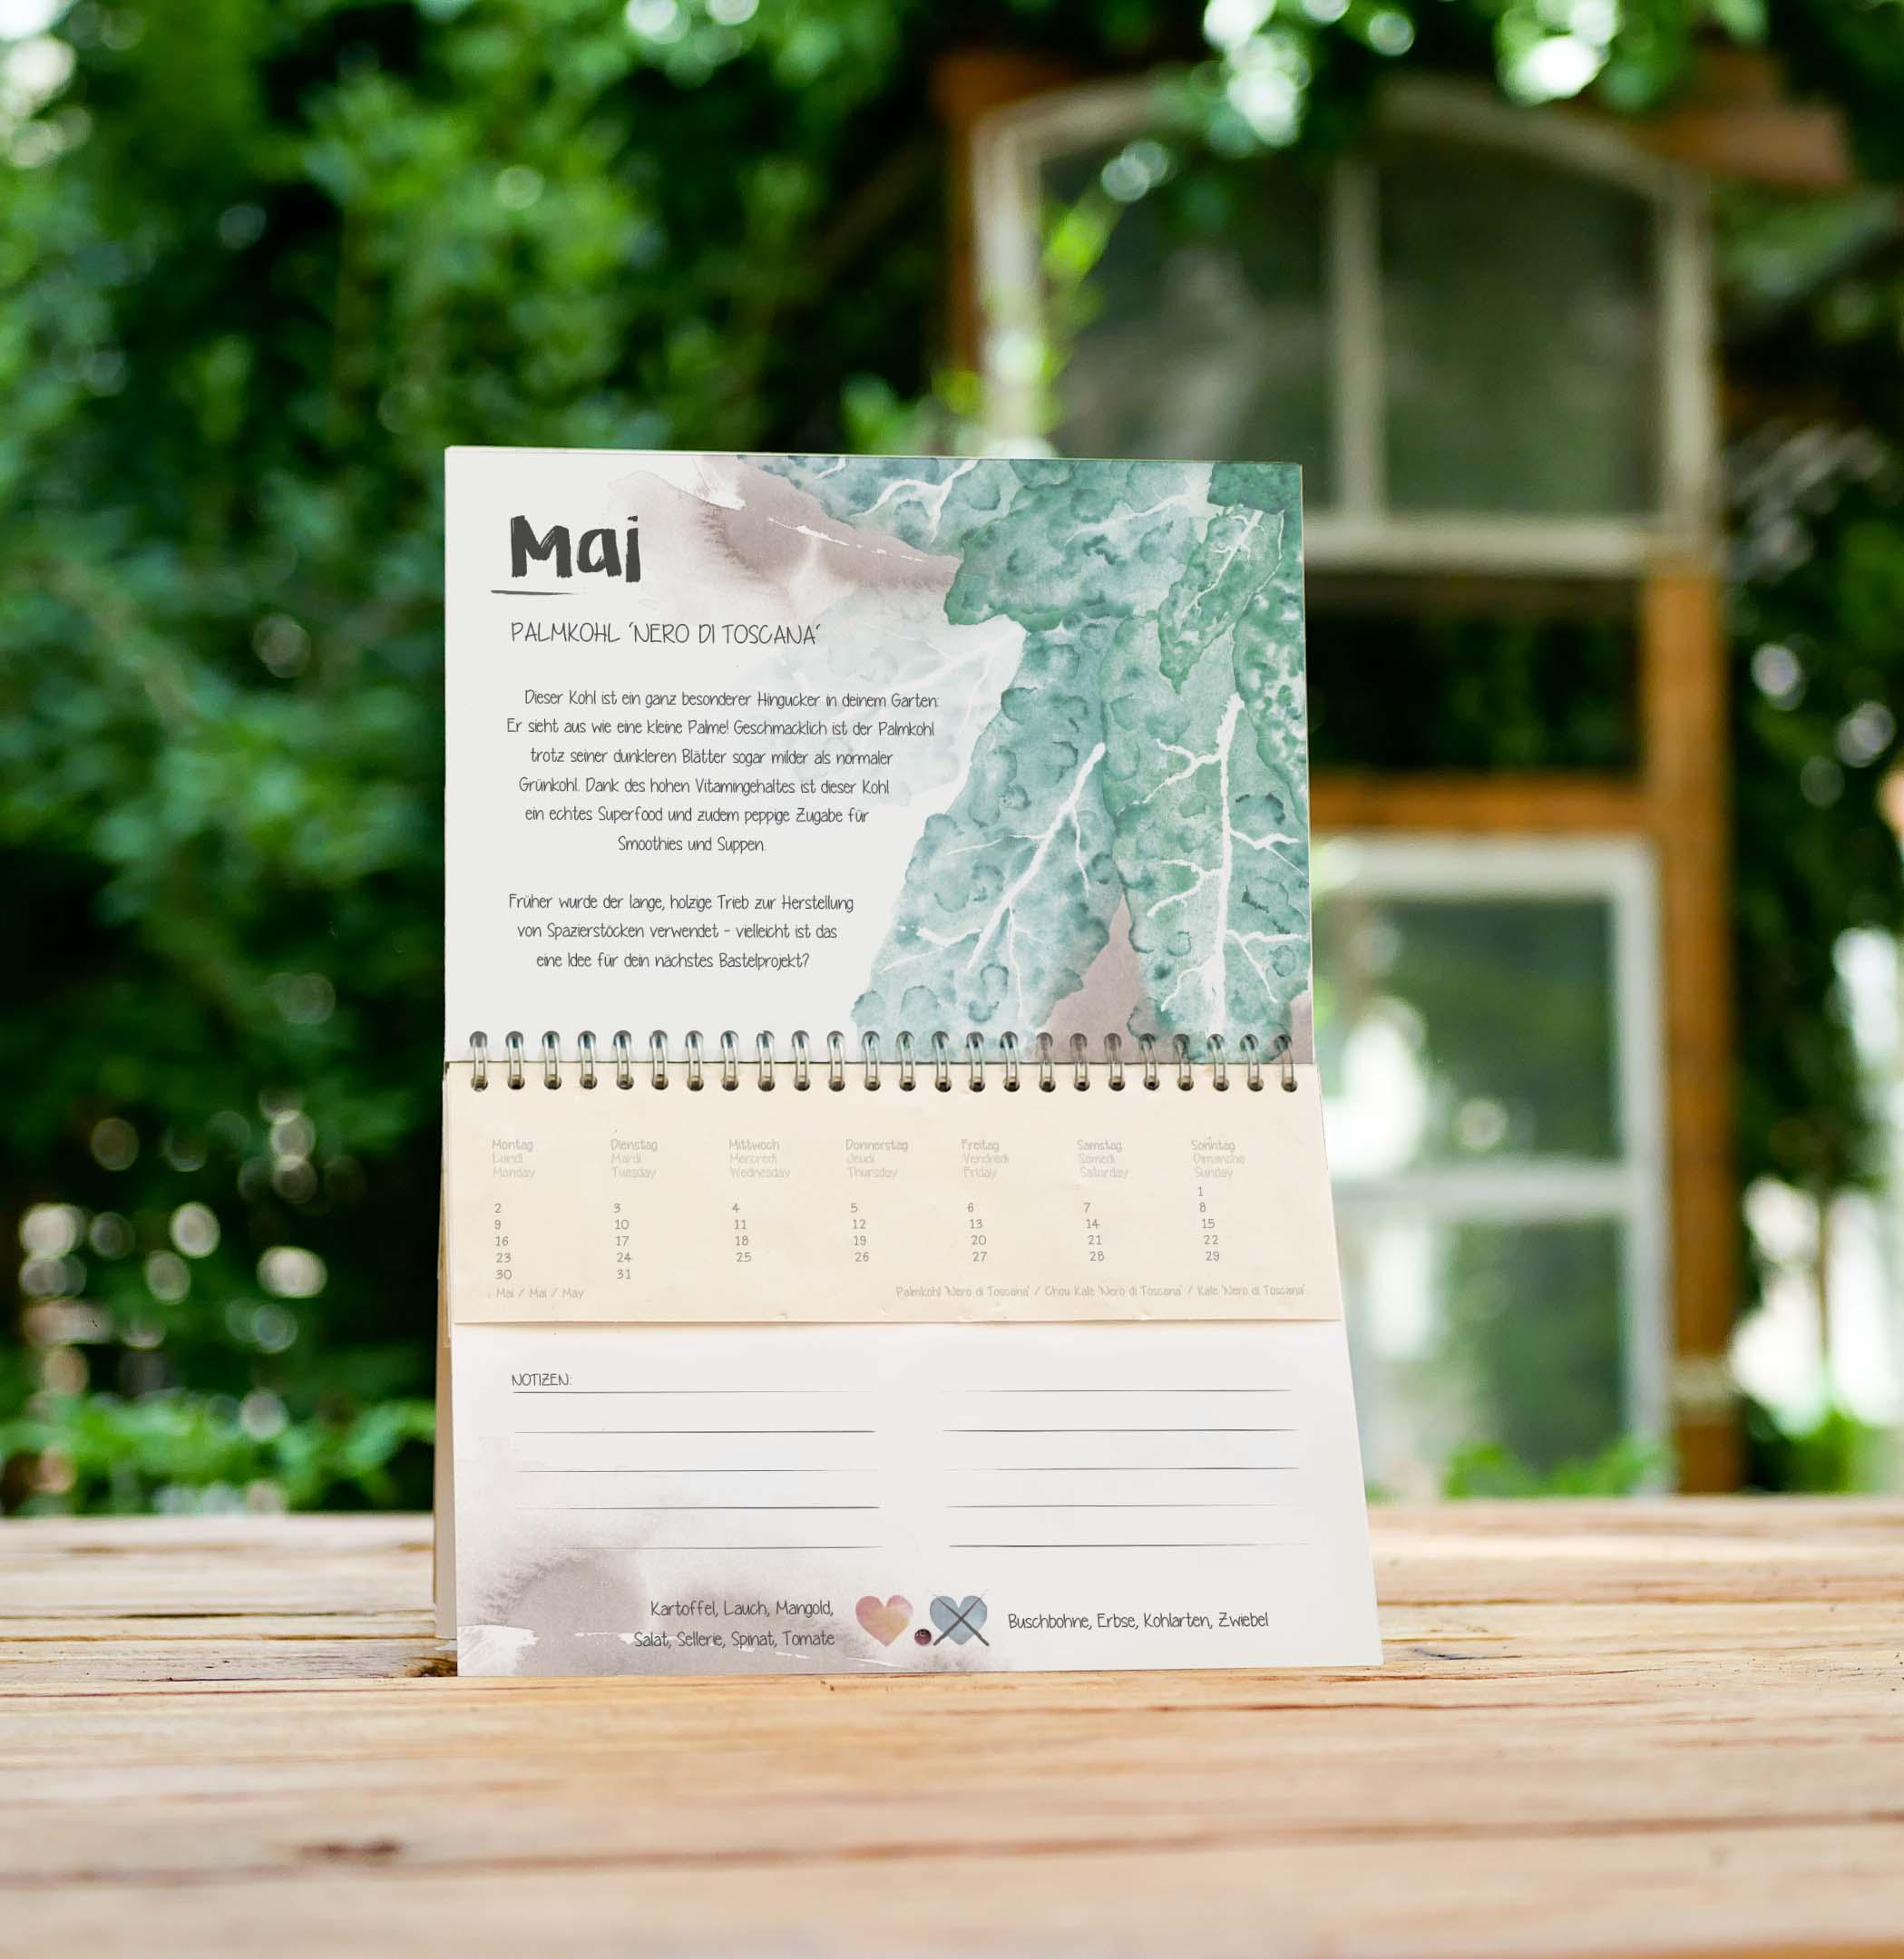 Wachsender Kalender Vergessene Sorten Mai